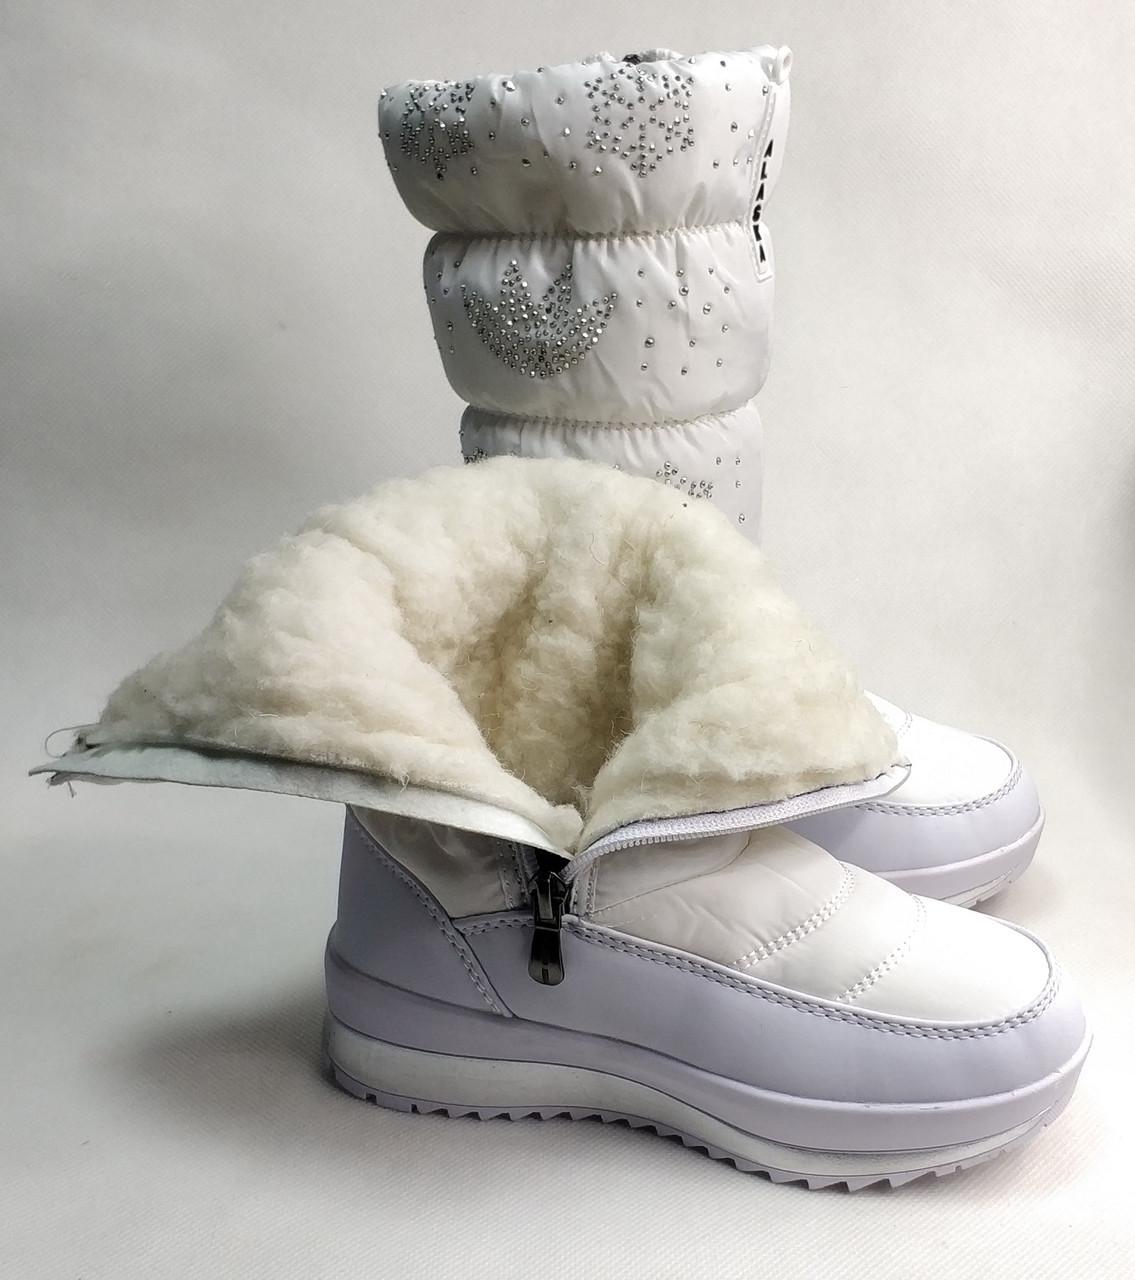 Детские подростковые дутики зимние сапоги на зиму для девочки белые Alaska